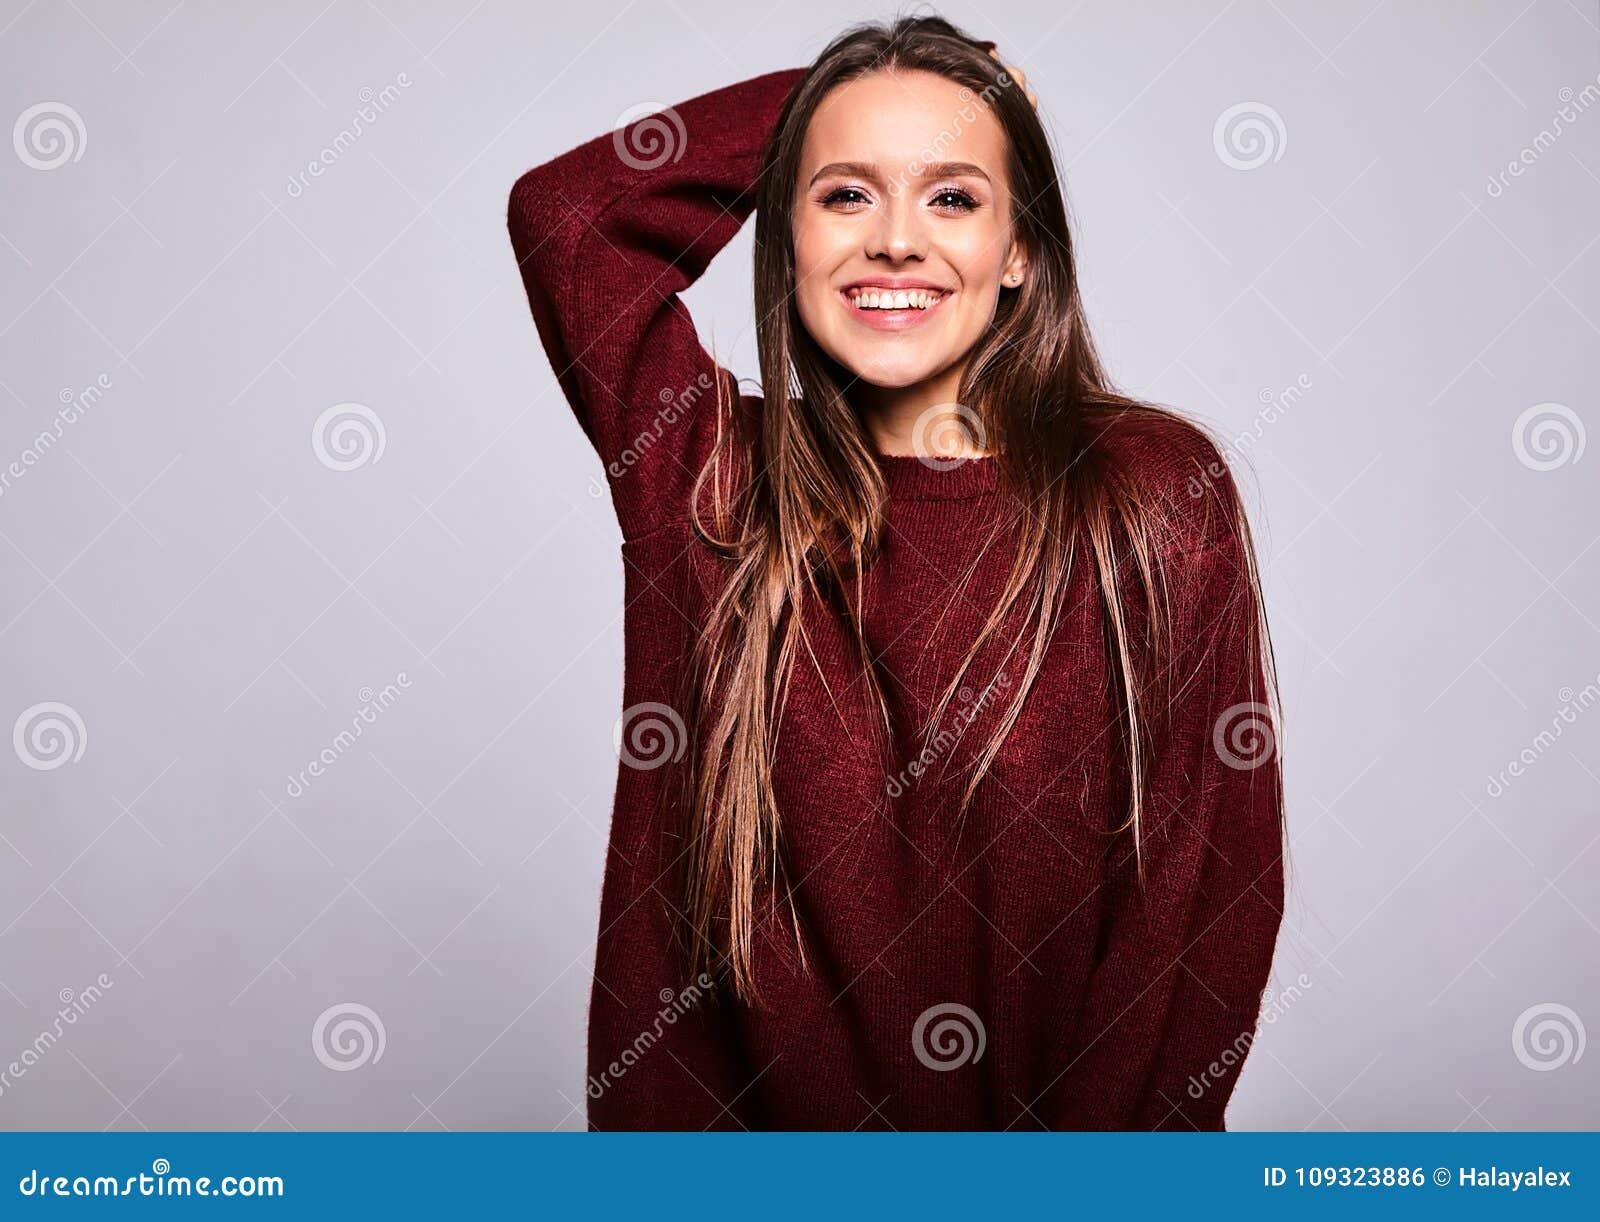 Brunettkvinnamodell i stilfull kläder som poserar i studio